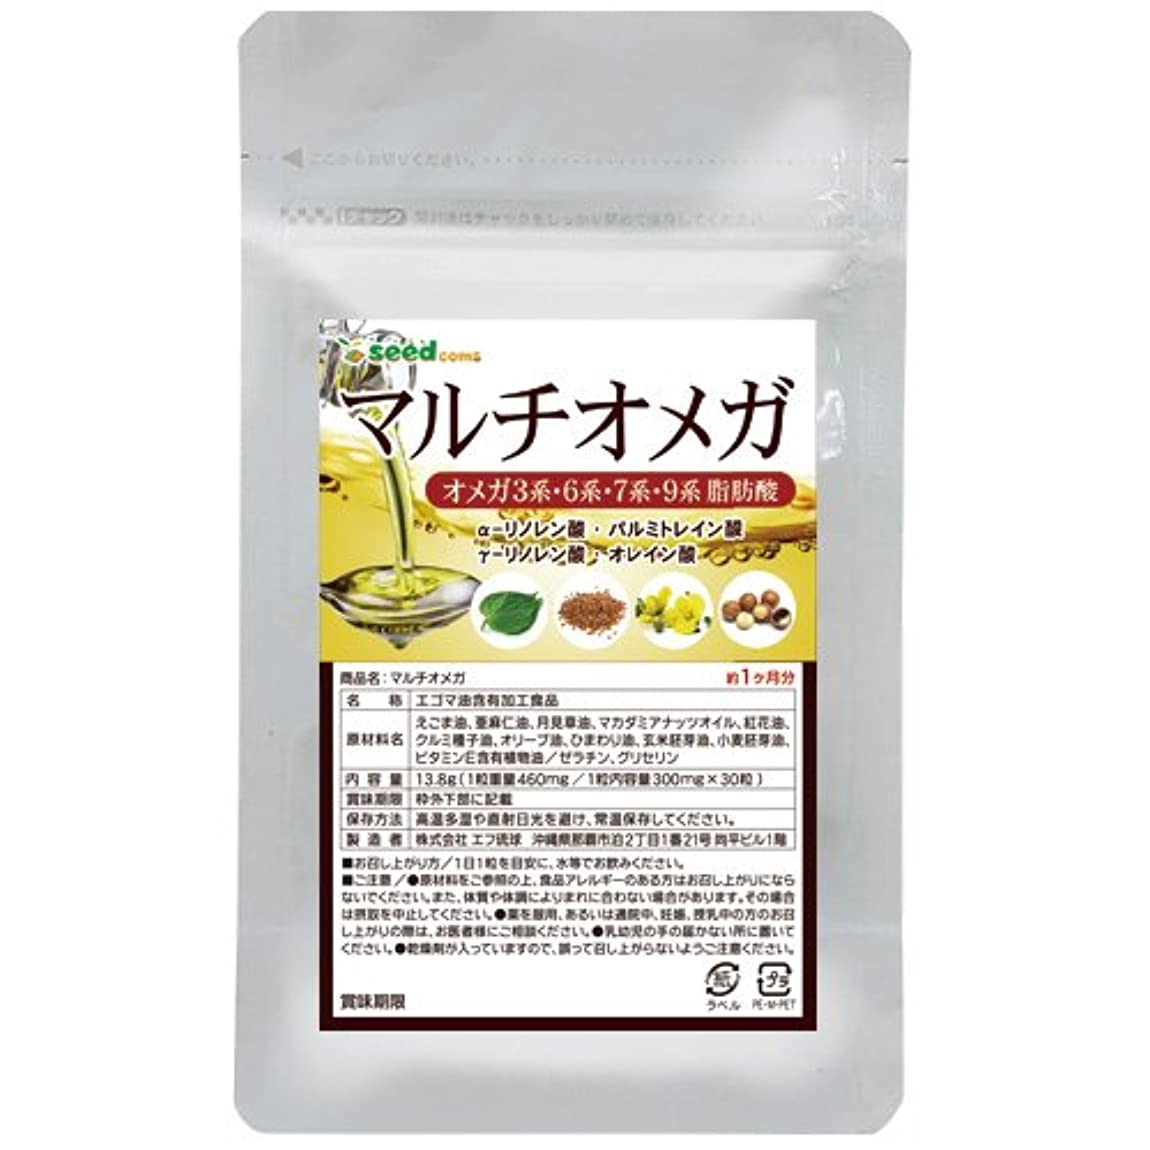 含めるキネマティクス問題マルチ オメガ (約1ヶ月分/30粒) えごま油 亜麻仁油 など 4種のオメガオイル